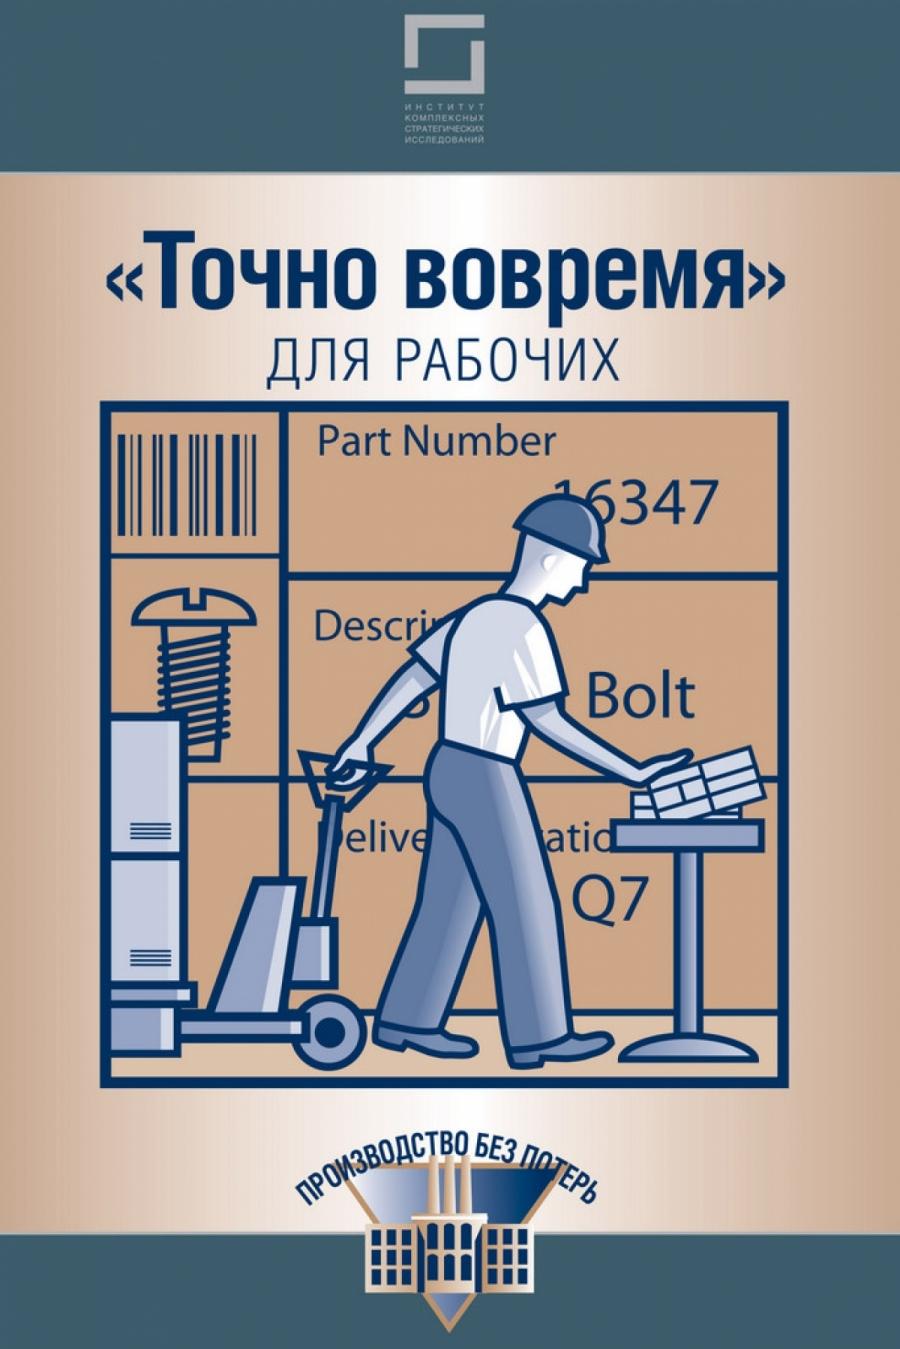 Обложка книги:  производство без потерь - инга попеско ( перевод с англ.) - точно вовремя для рабочих